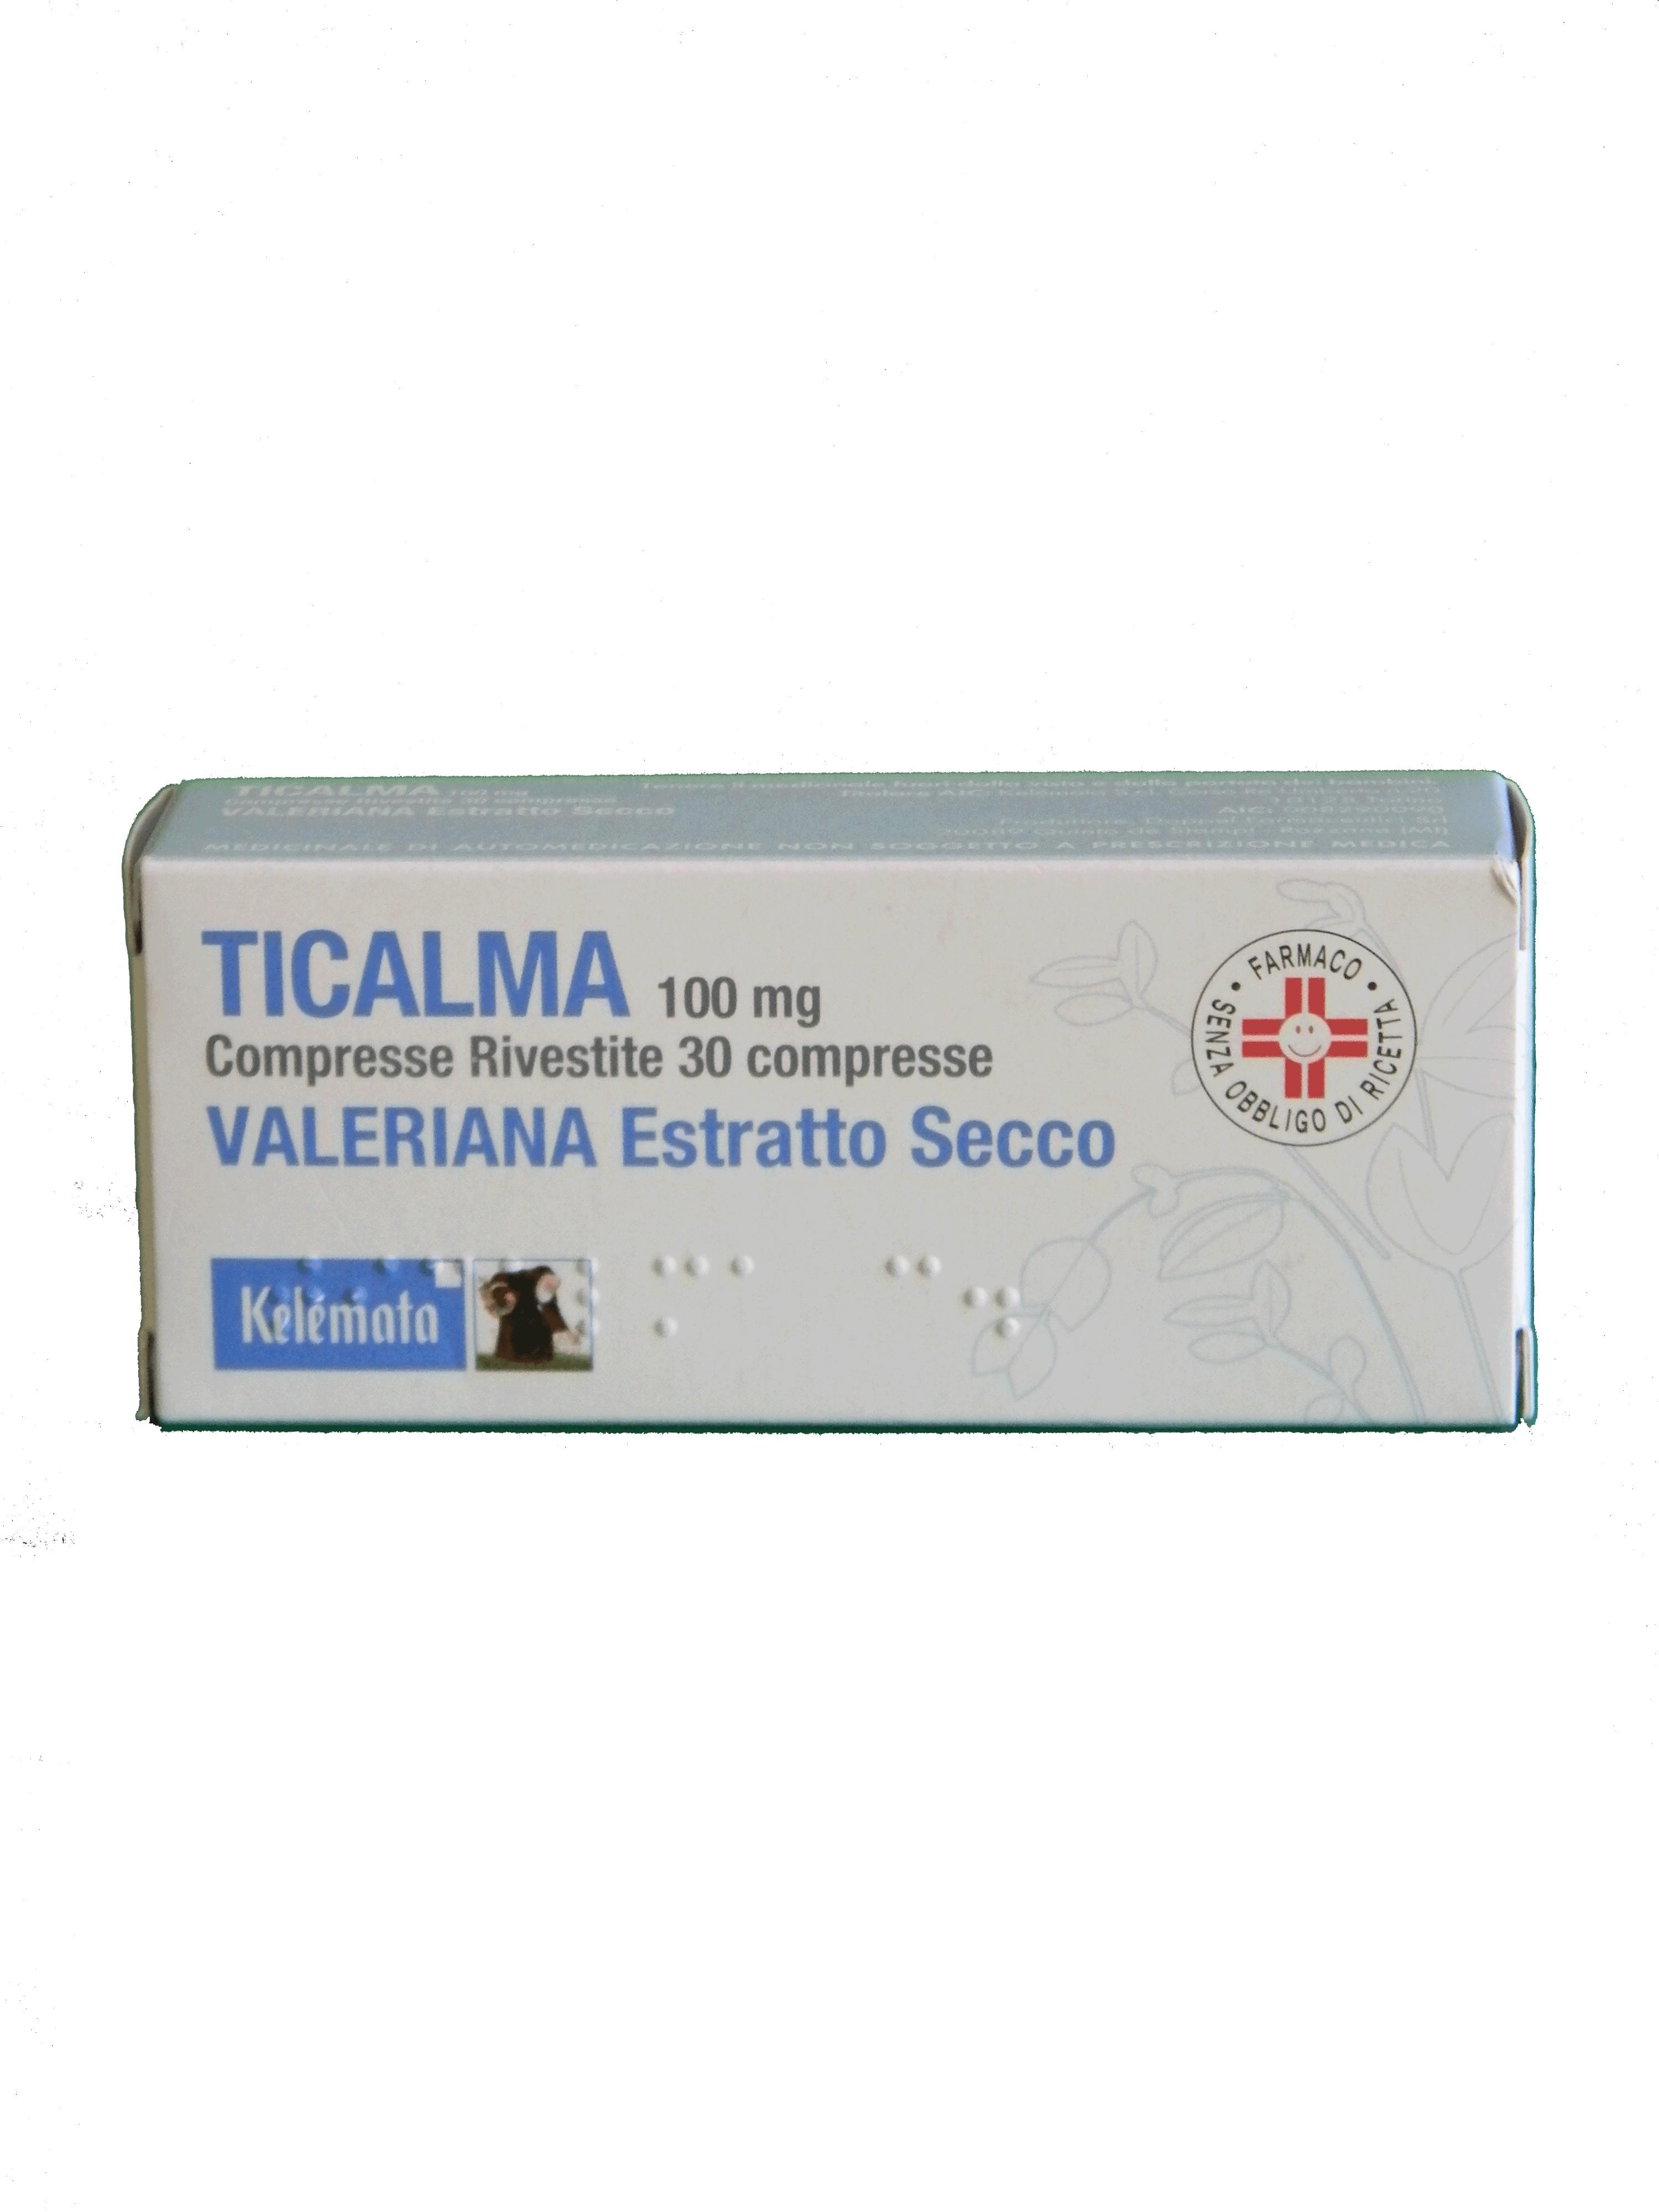 TICALMA*30CPR RIV 100MG - Parafarmacia la Fattoria della Salute S.n.c. di Delfini Dott.ssa Giulia e Marra Dott.ssa Michela